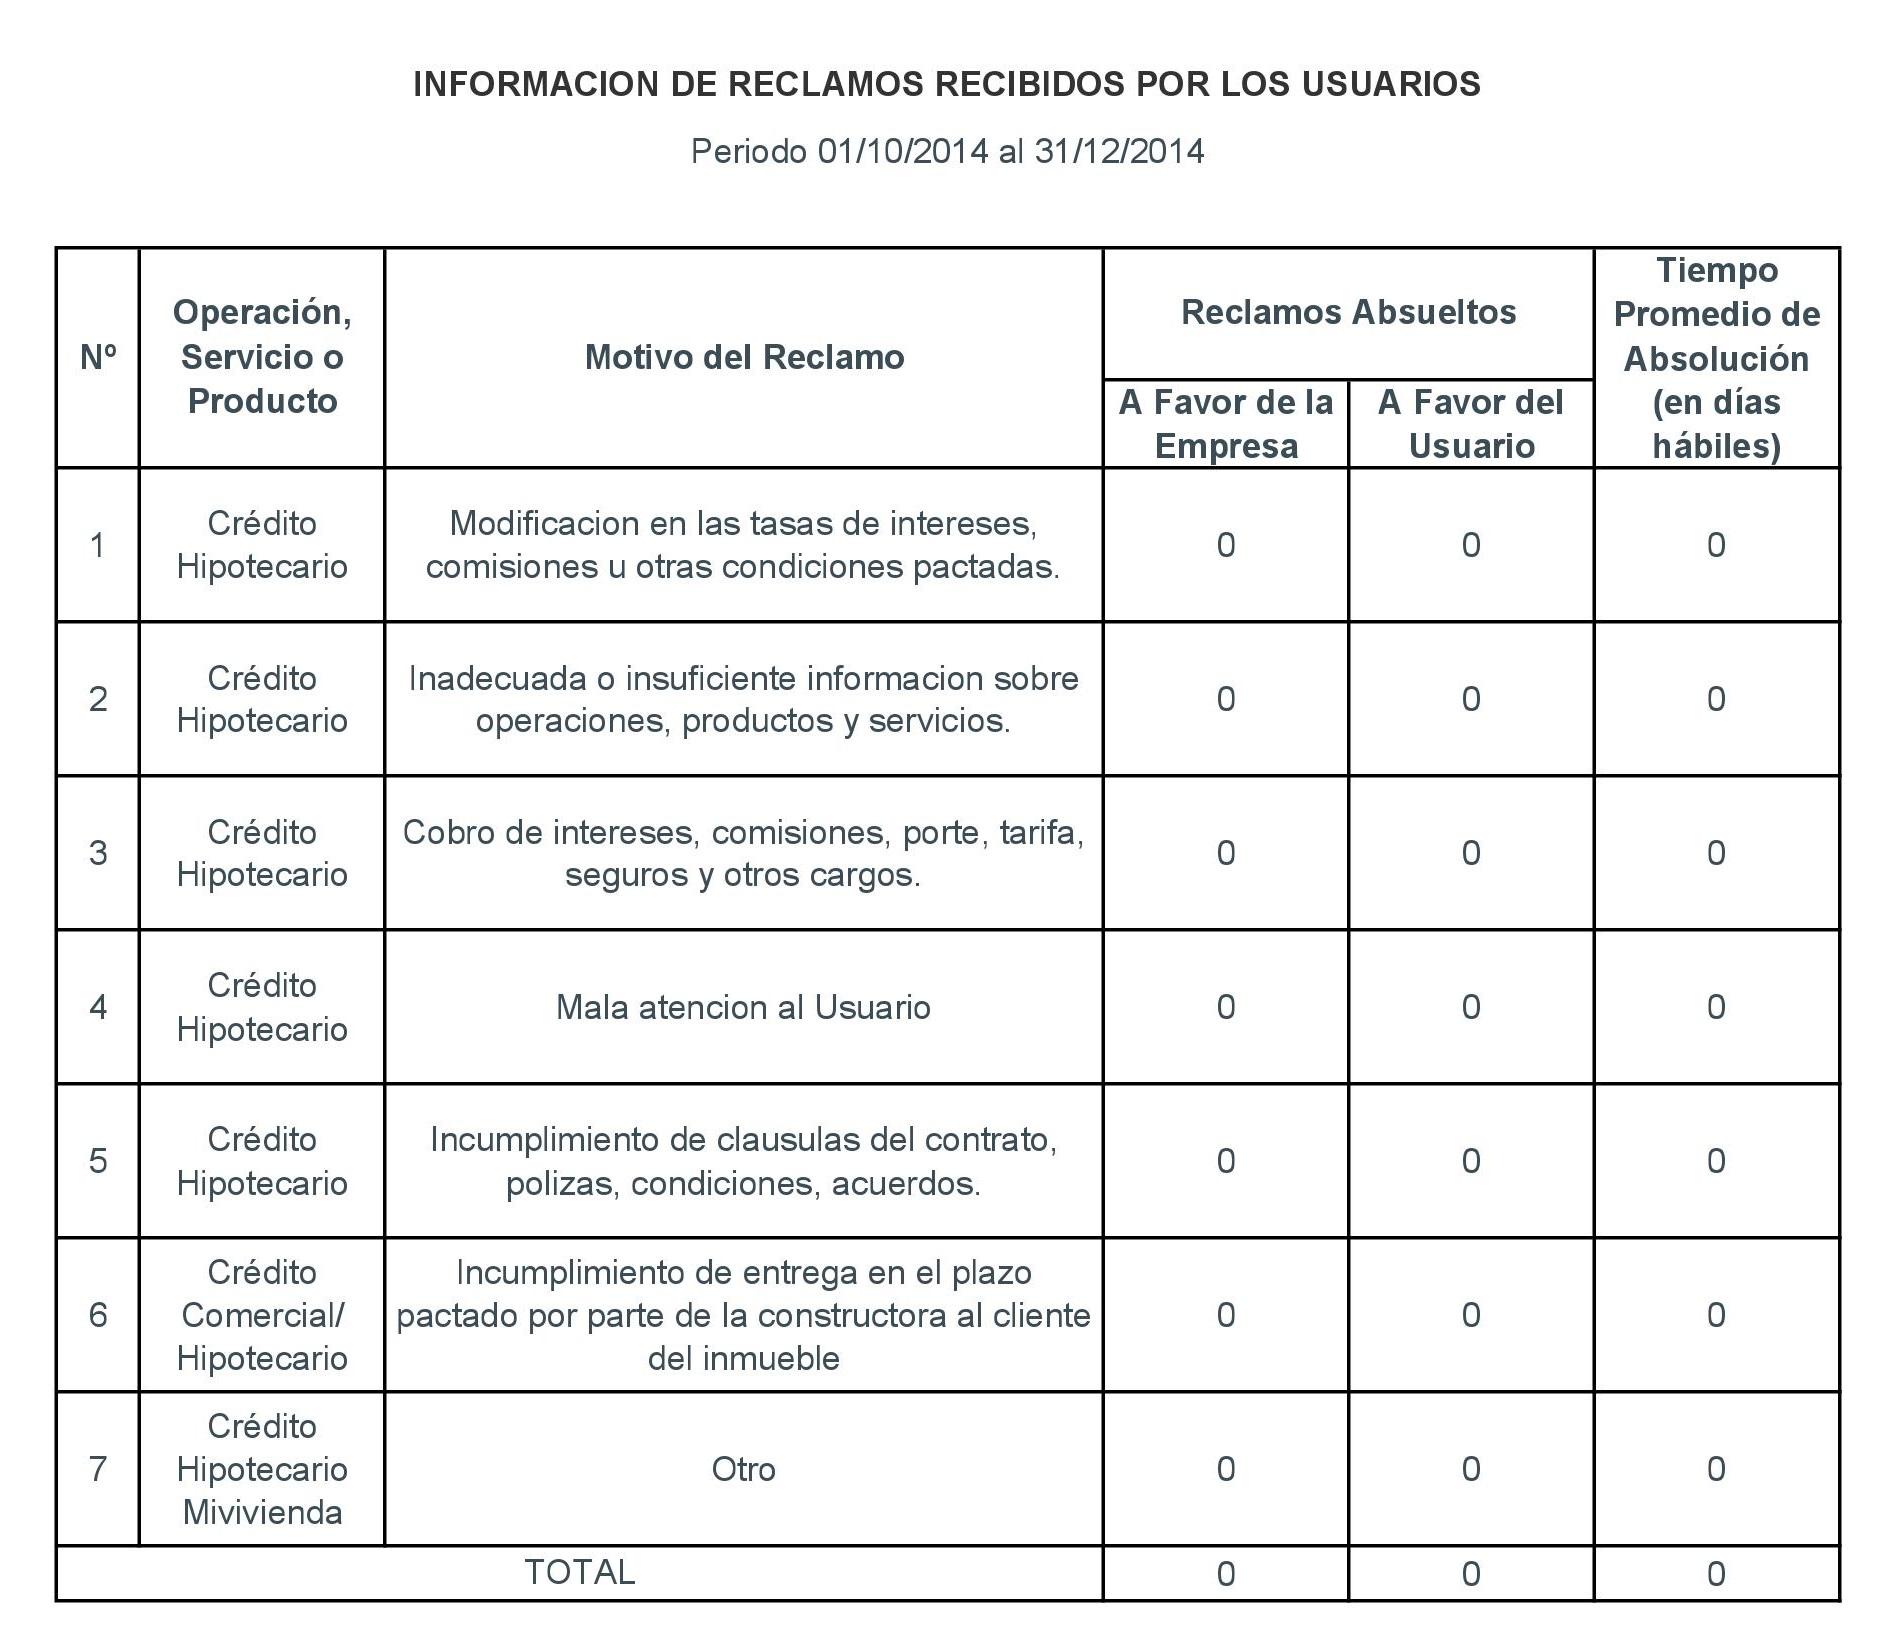 Periodo 01-10-2014 al 31-12-2014